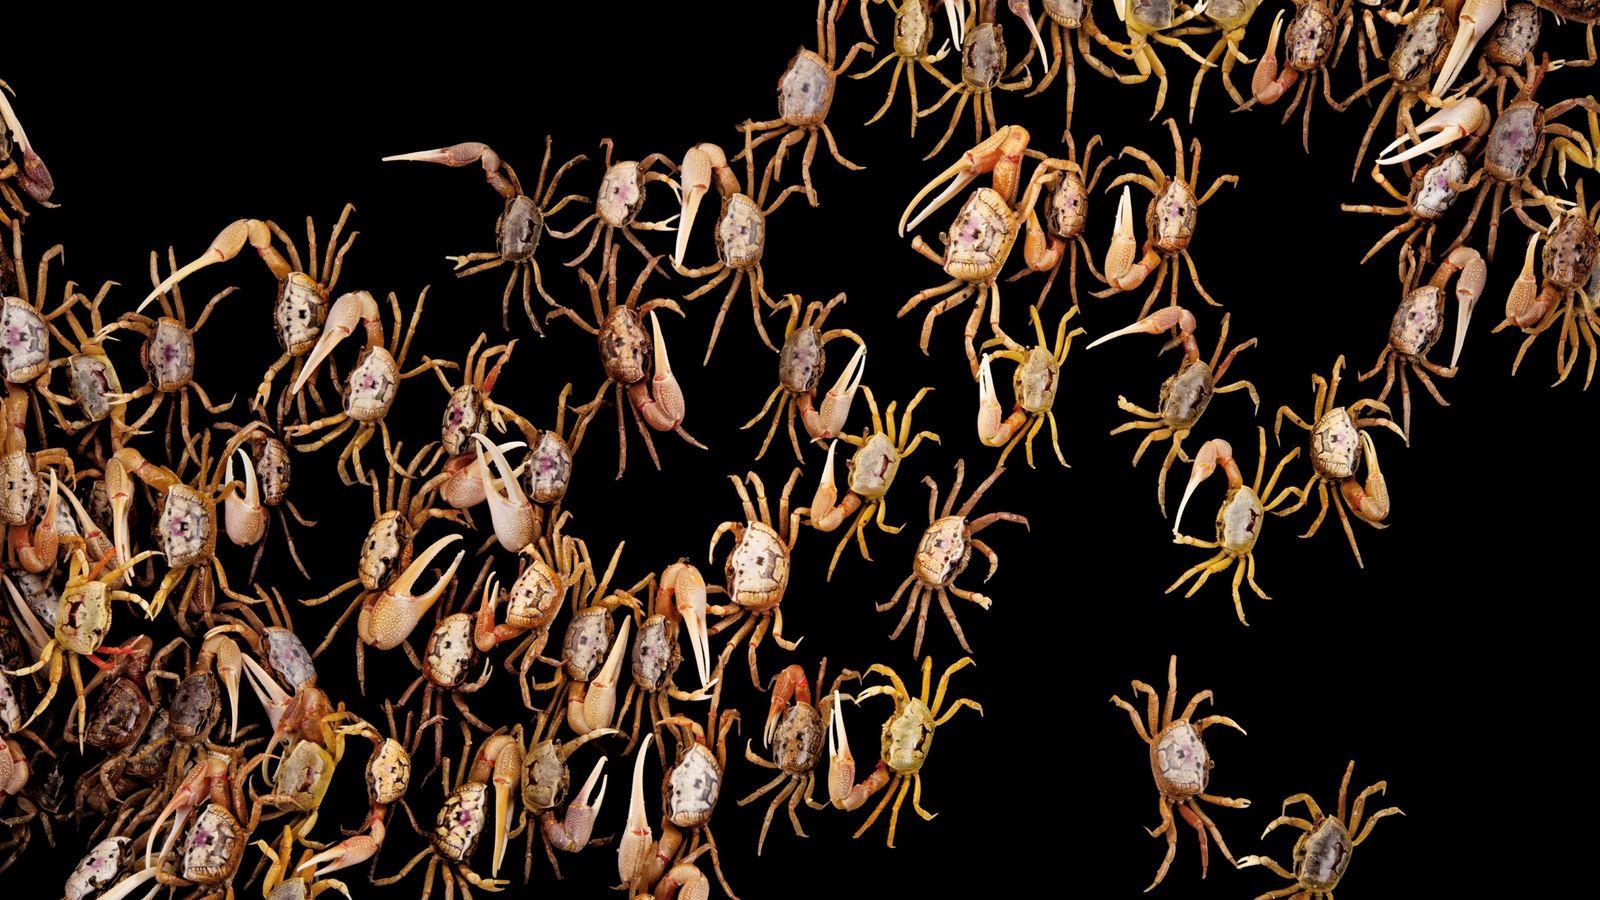 Ces crabes violonnistes ont été photographiés au laboratoire de recherche sur les animaux marins à Panacea, ...